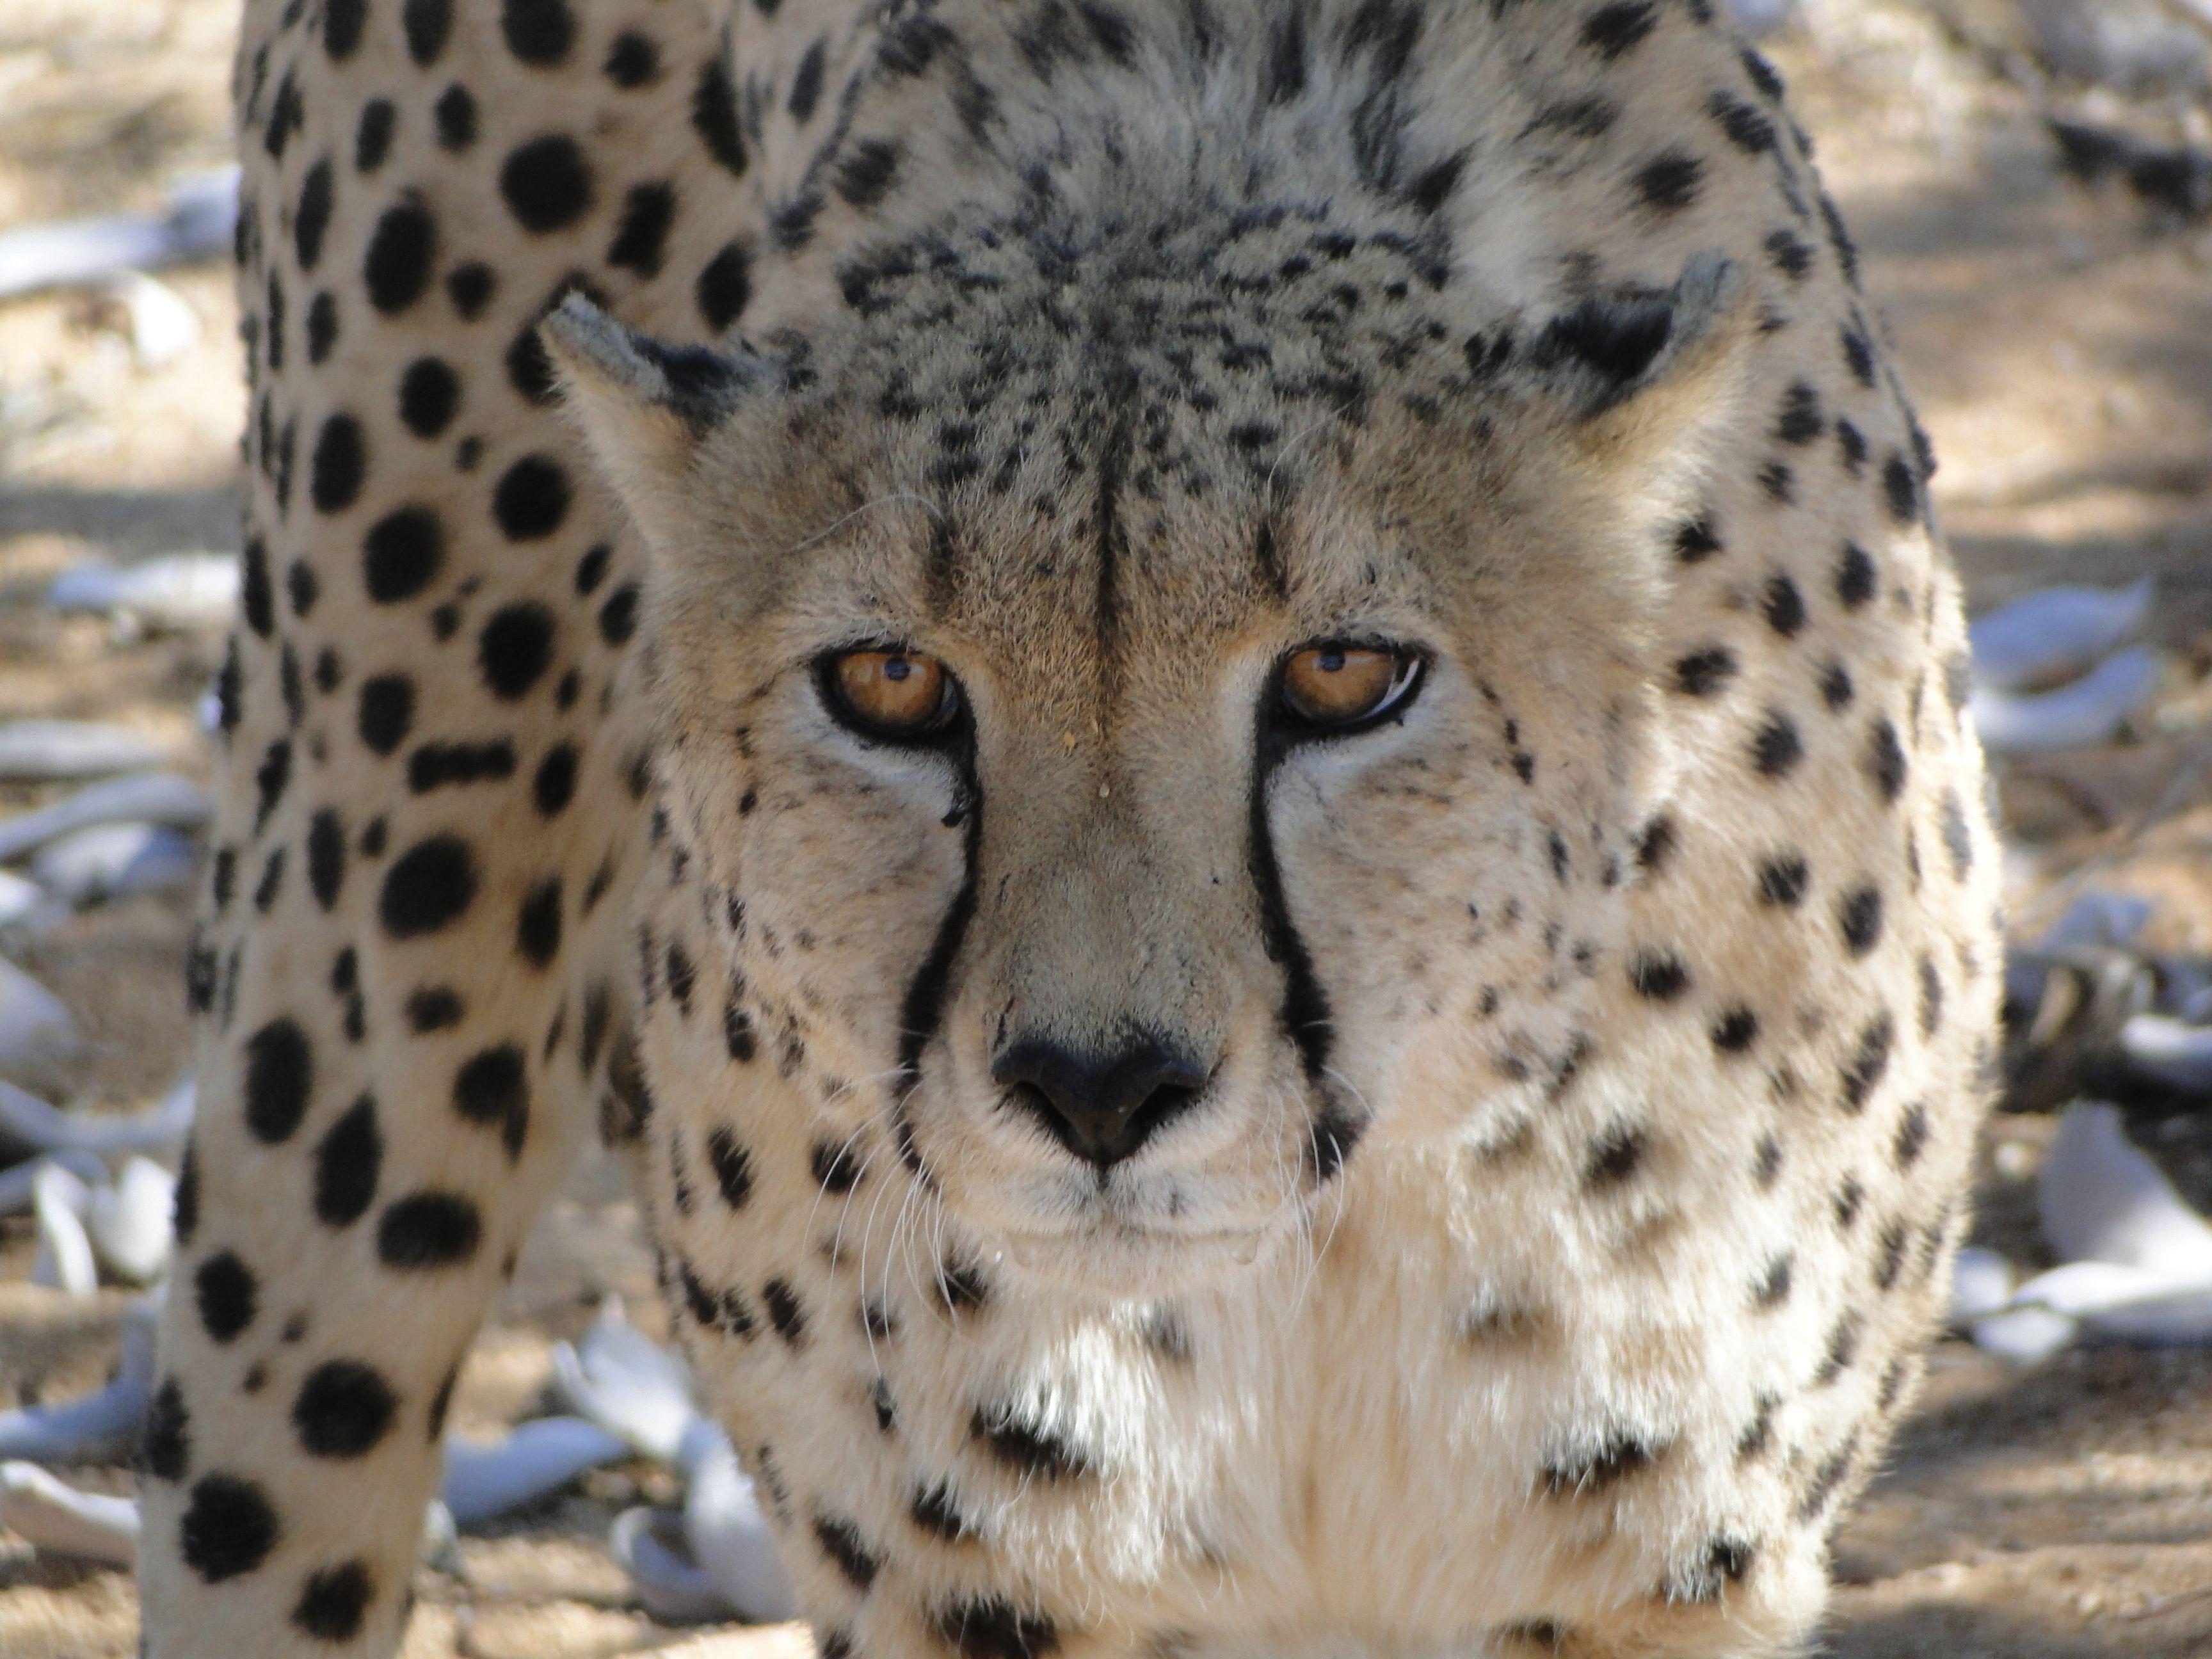 Spartacus is blijven leven dankzij donaties. Doe je mee om de toekomst van de cheetah in het wild veilig te stellen? http://www.stichtingspots.nl/index.php?page=354